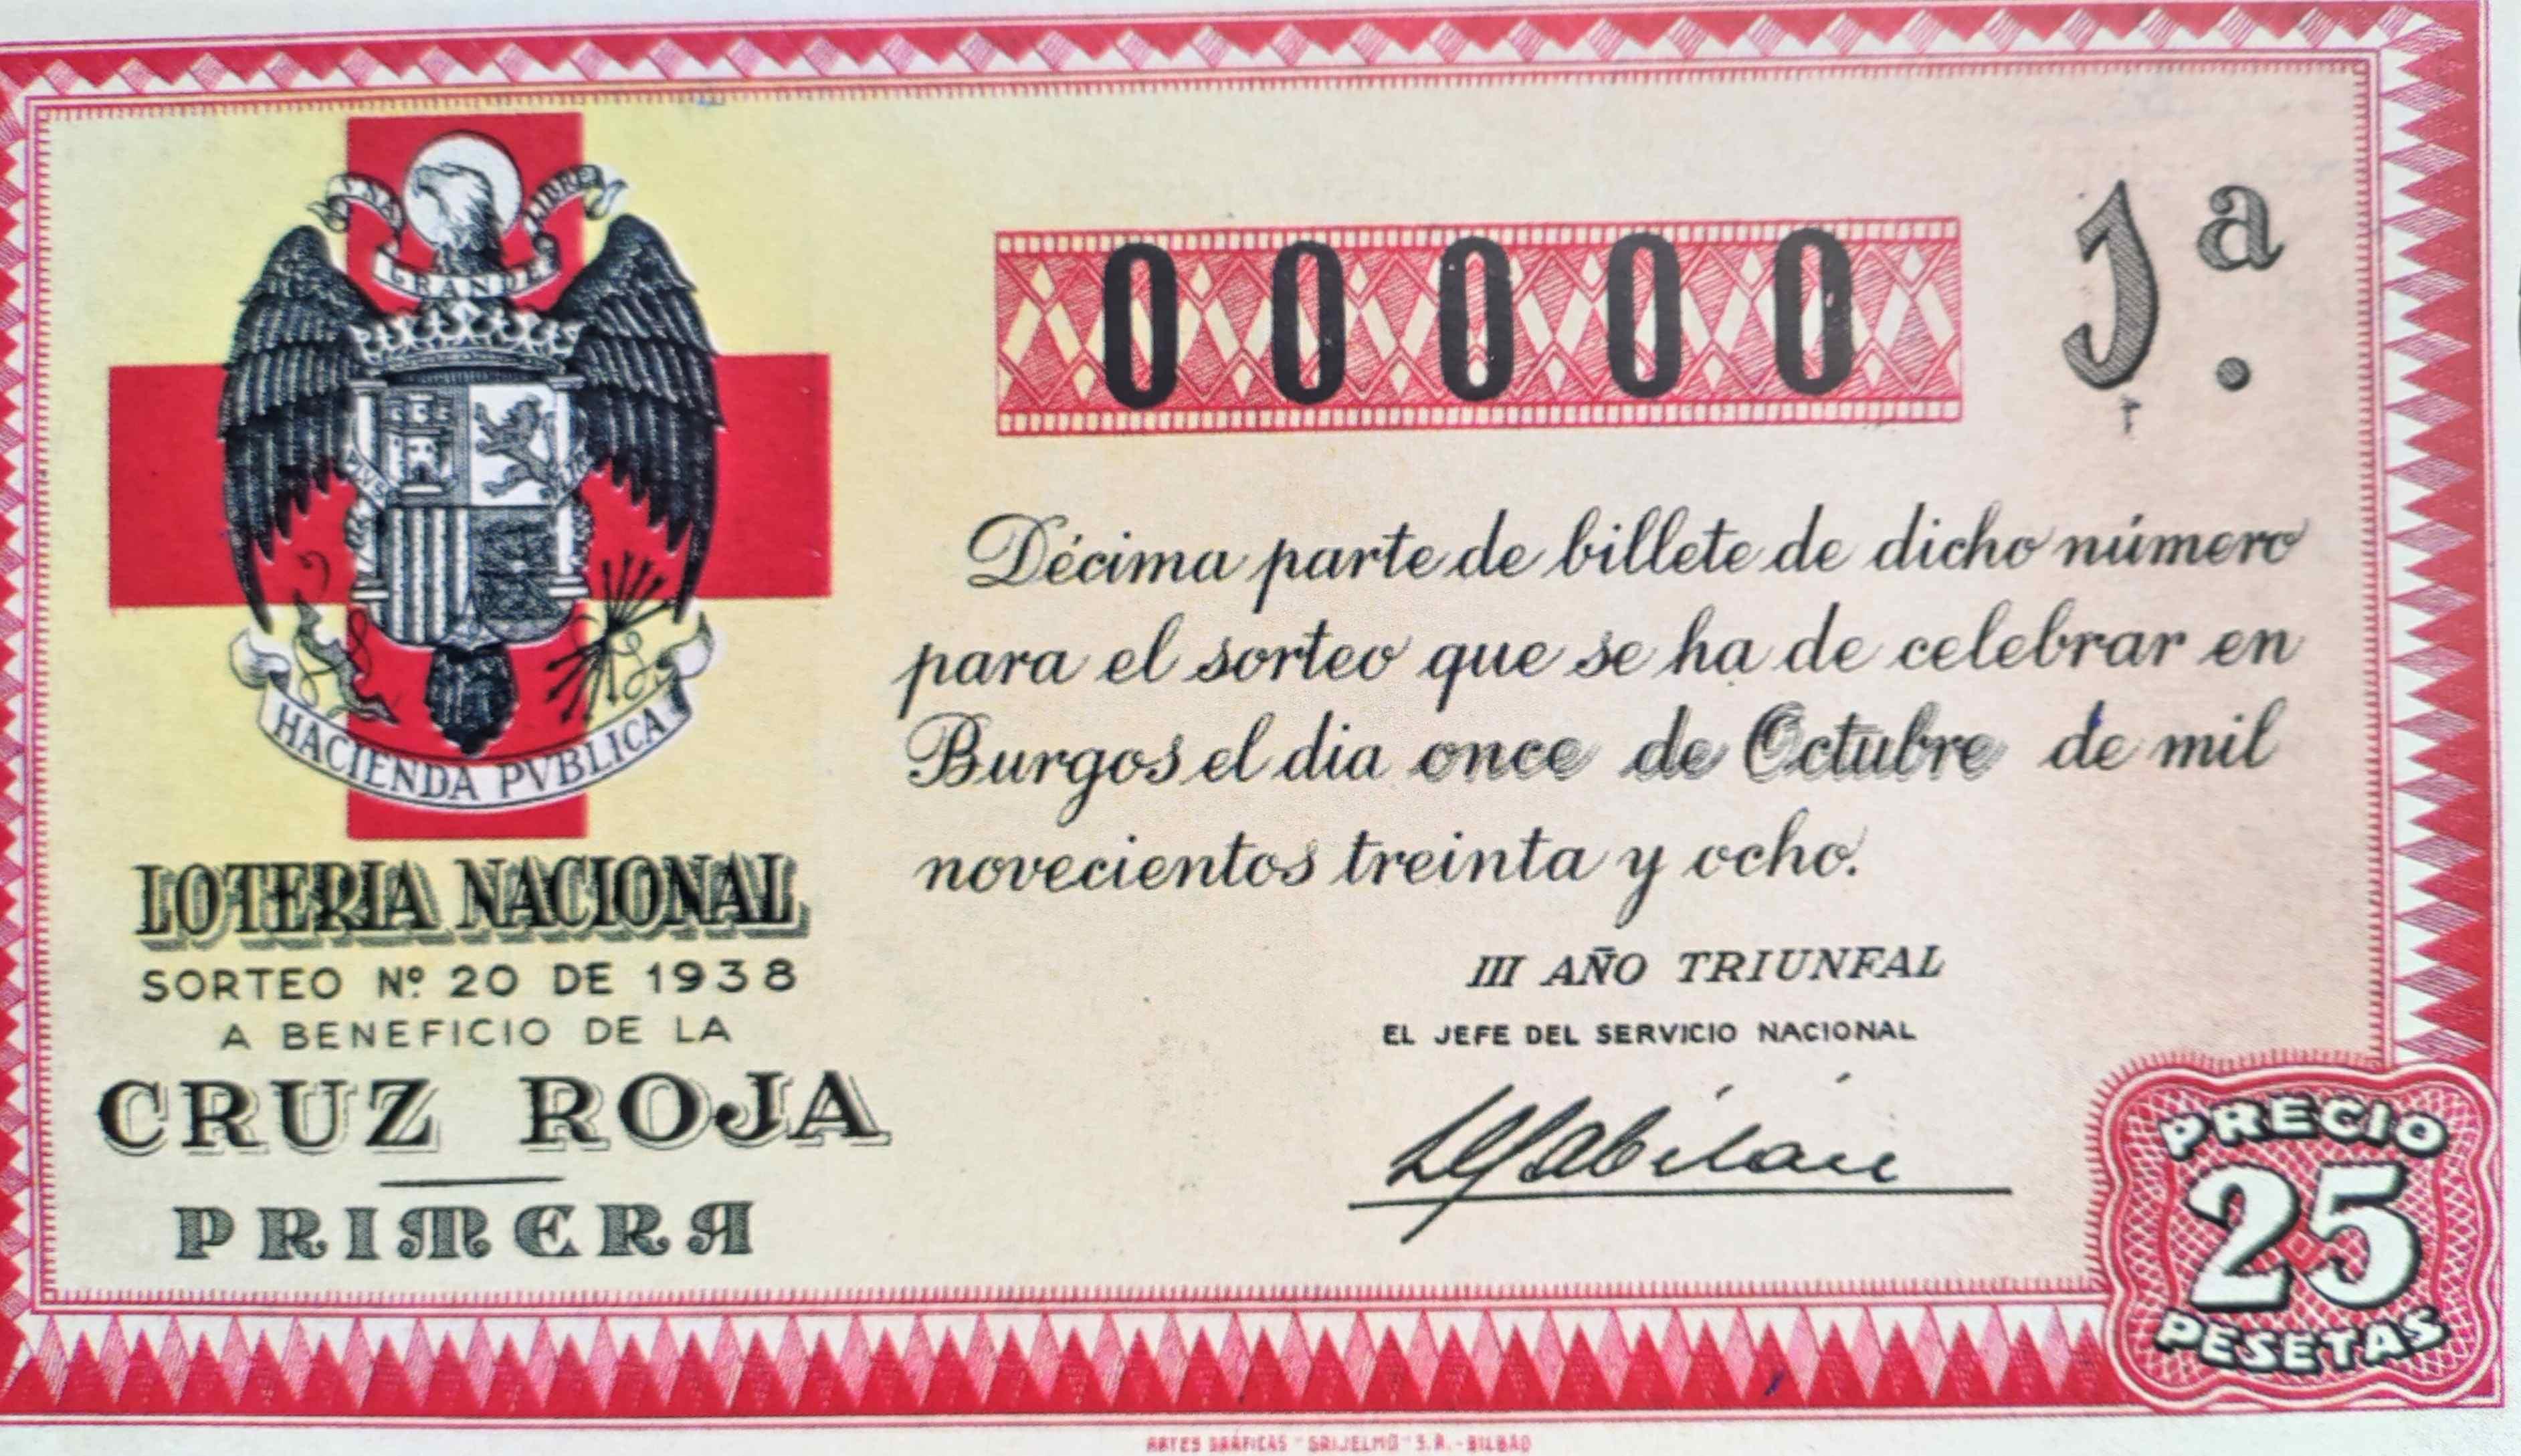 Sorteo de la Cruz Roja Sorteo 20 Año 1938